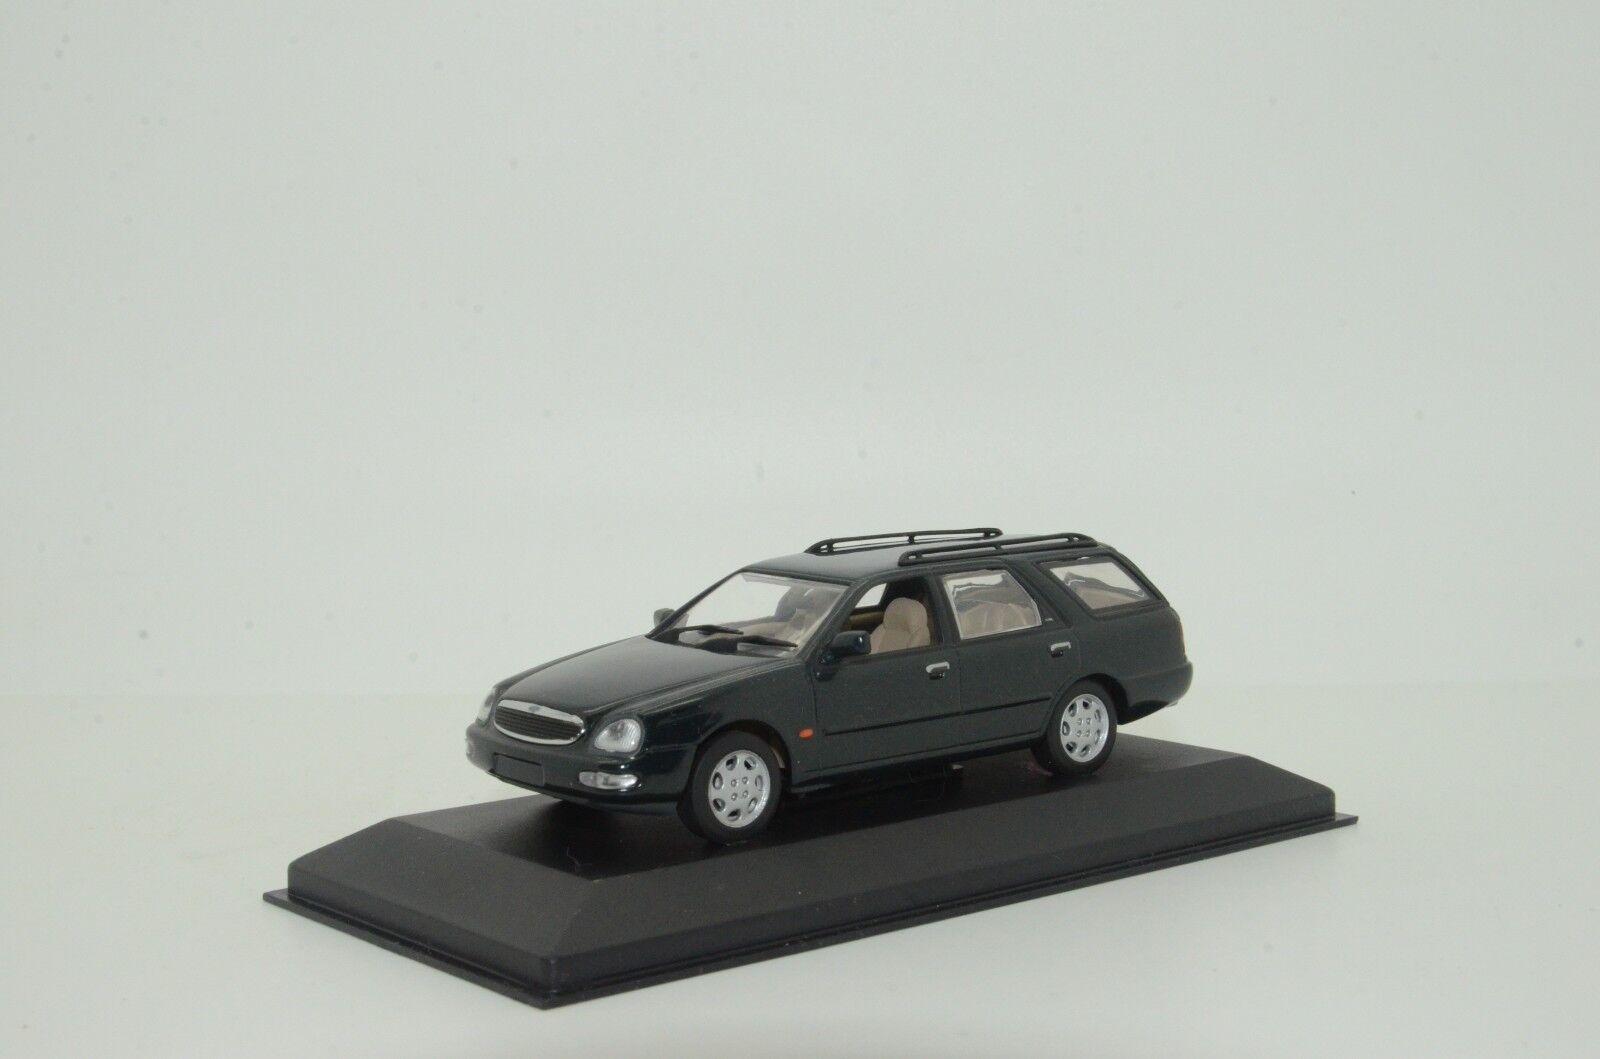 Rare     Ford scorpio break 1995 MINICHAMPS en métal vert 84012 1 43  centre commercial de la mode